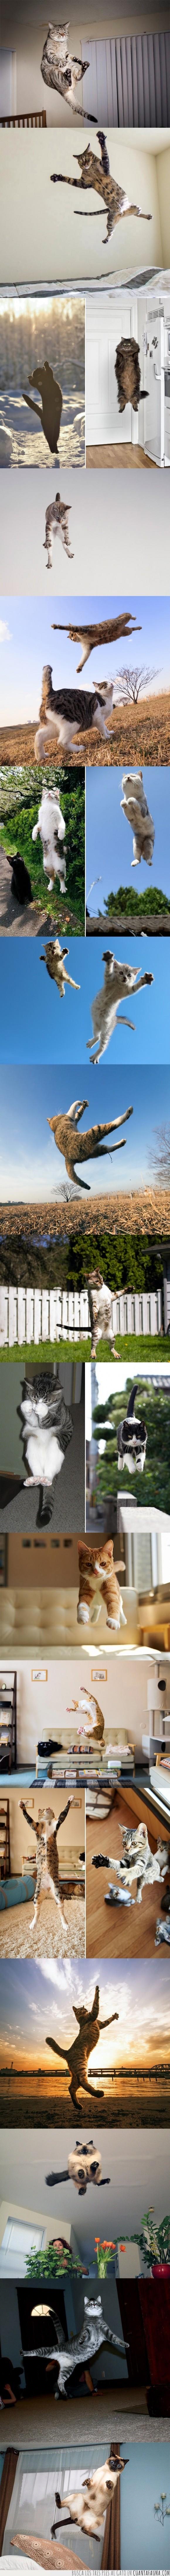 cielo,flotar,gato,gatos,gravedad,saltar,volar,volver